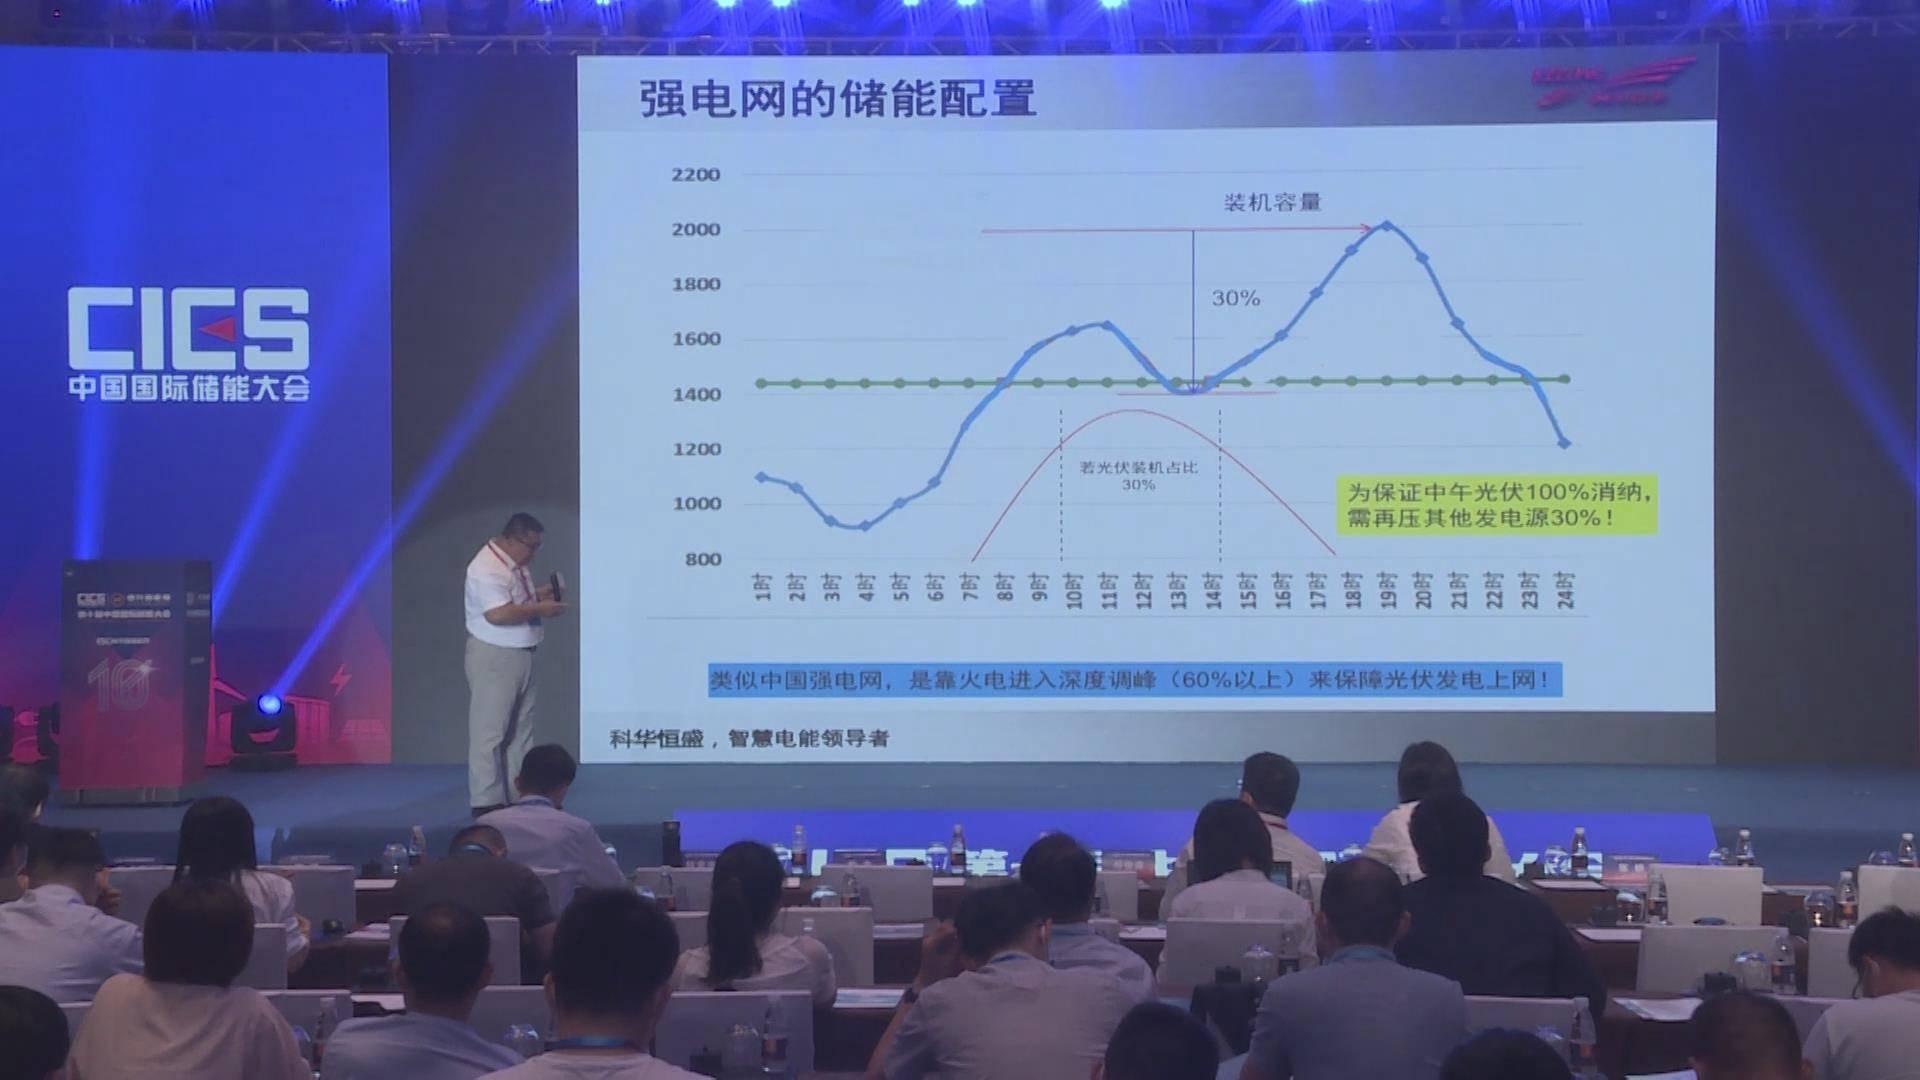 林金水:新浦京多样化场景实践助推驶向蓝海新契机